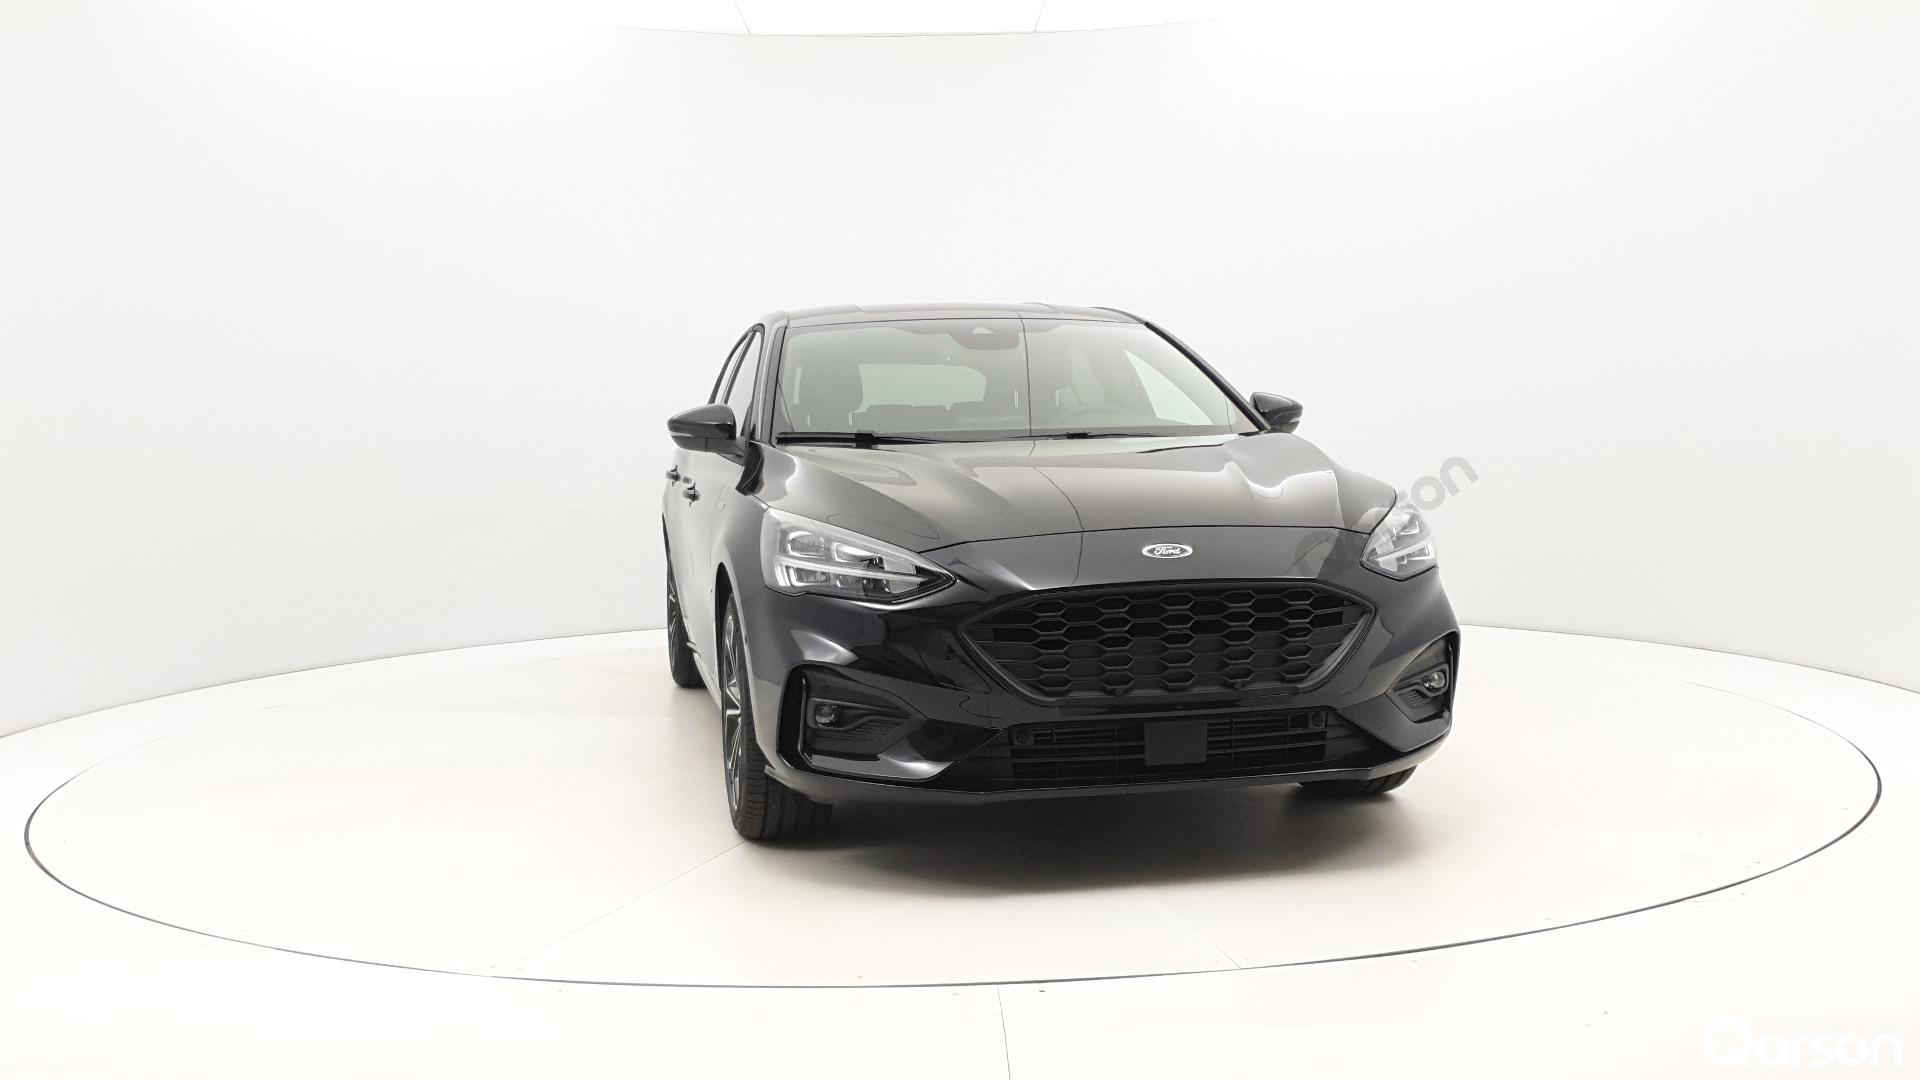 Ford Focus 5D Widok auta z przedniego prawego boku pod kątem 350 stopni